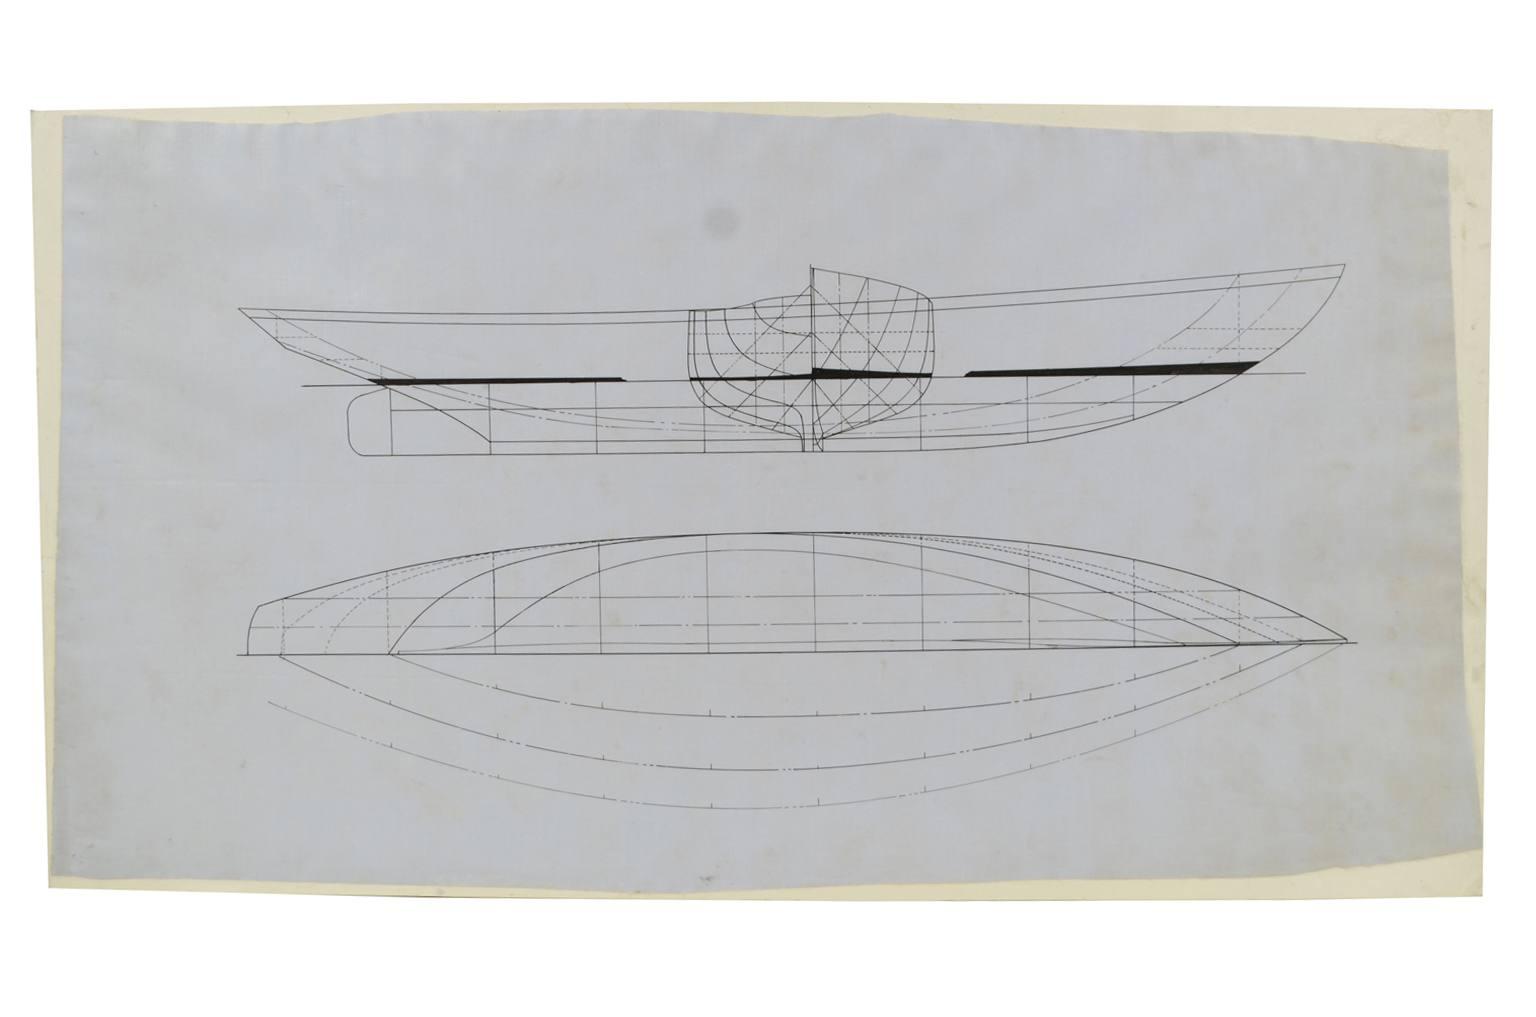 Progetti di barche d'epoca/PR19-Anonimo